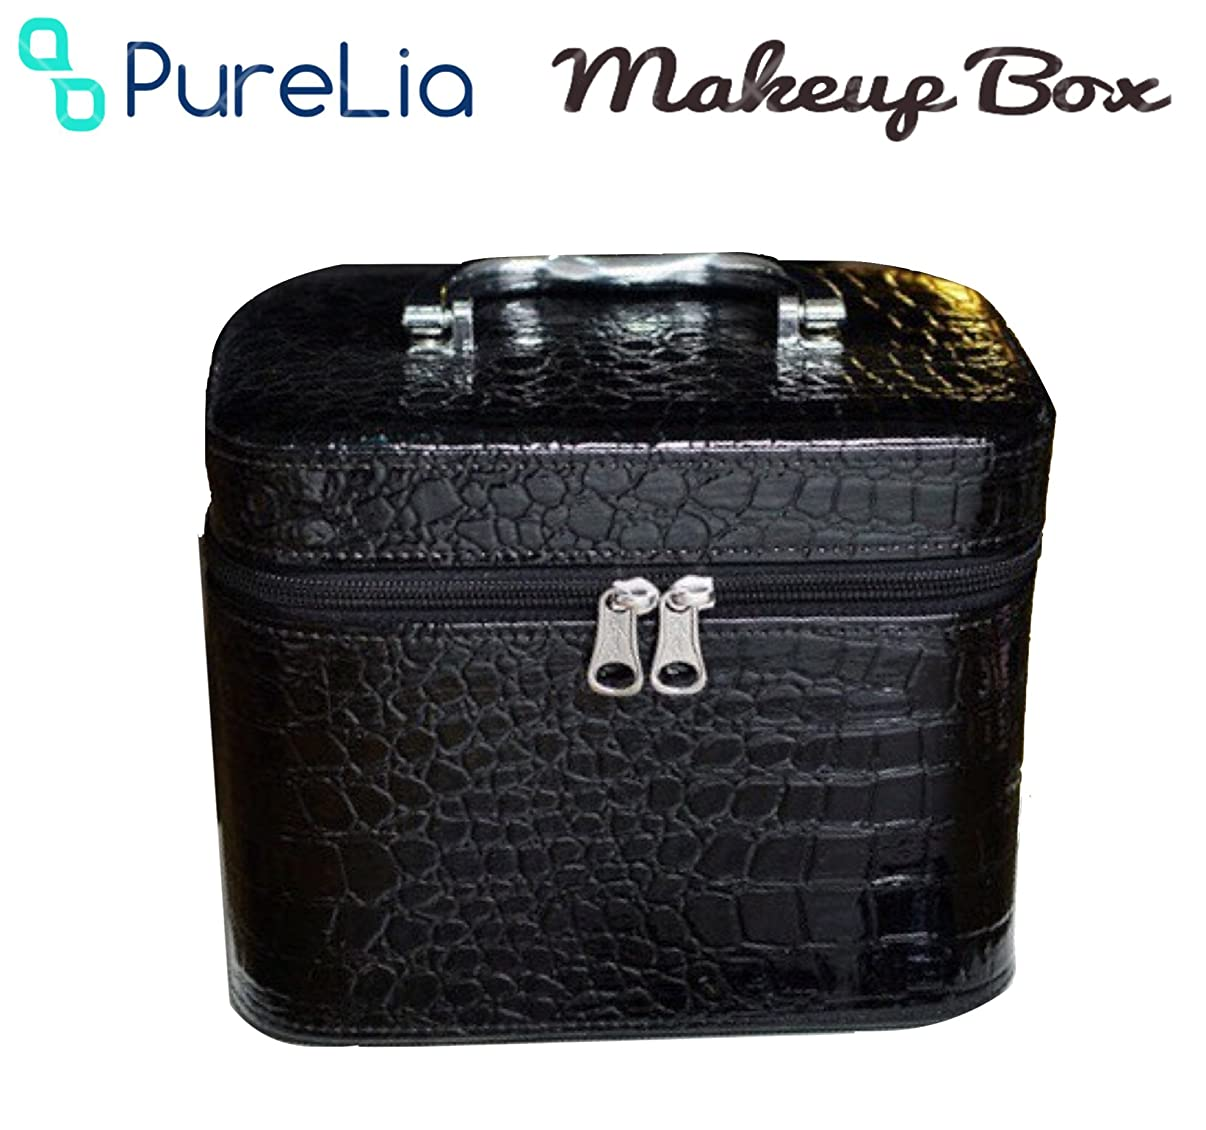 ブリークスナップ光沢のあるPureLia ピュアリア メイクボックス 鏡付き レザー クロコ柄 高級 小物 コスメ 化粧 収納 ボックス (ブラック)